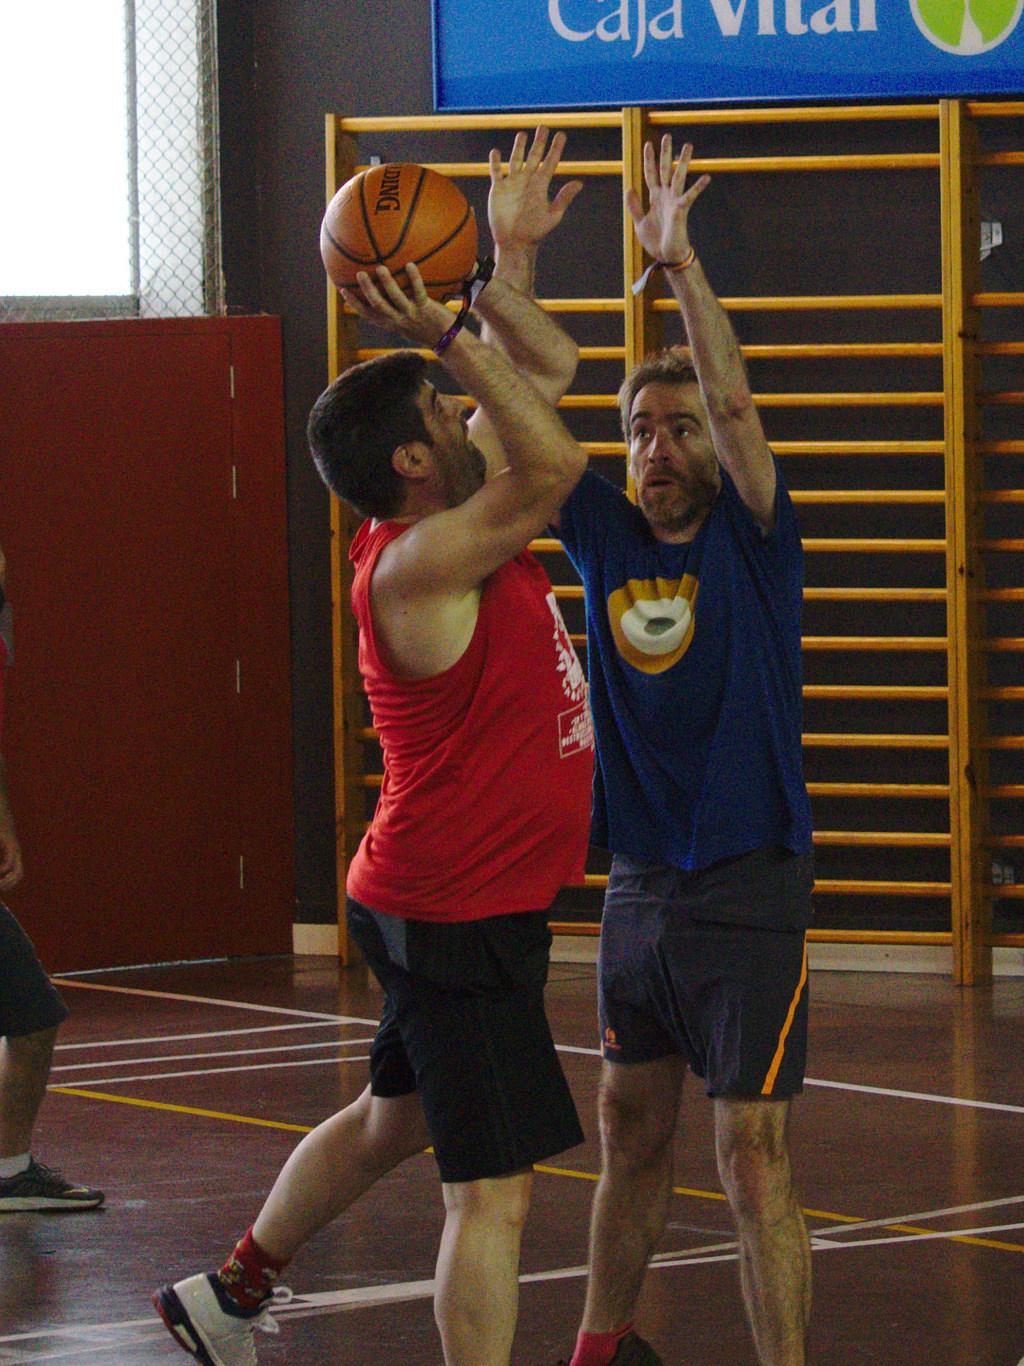 Pachanga De Basket ARF ¡ OTRO AÑO MAS ROCKET CAMPEÓN! - Página 11 Dsc02411